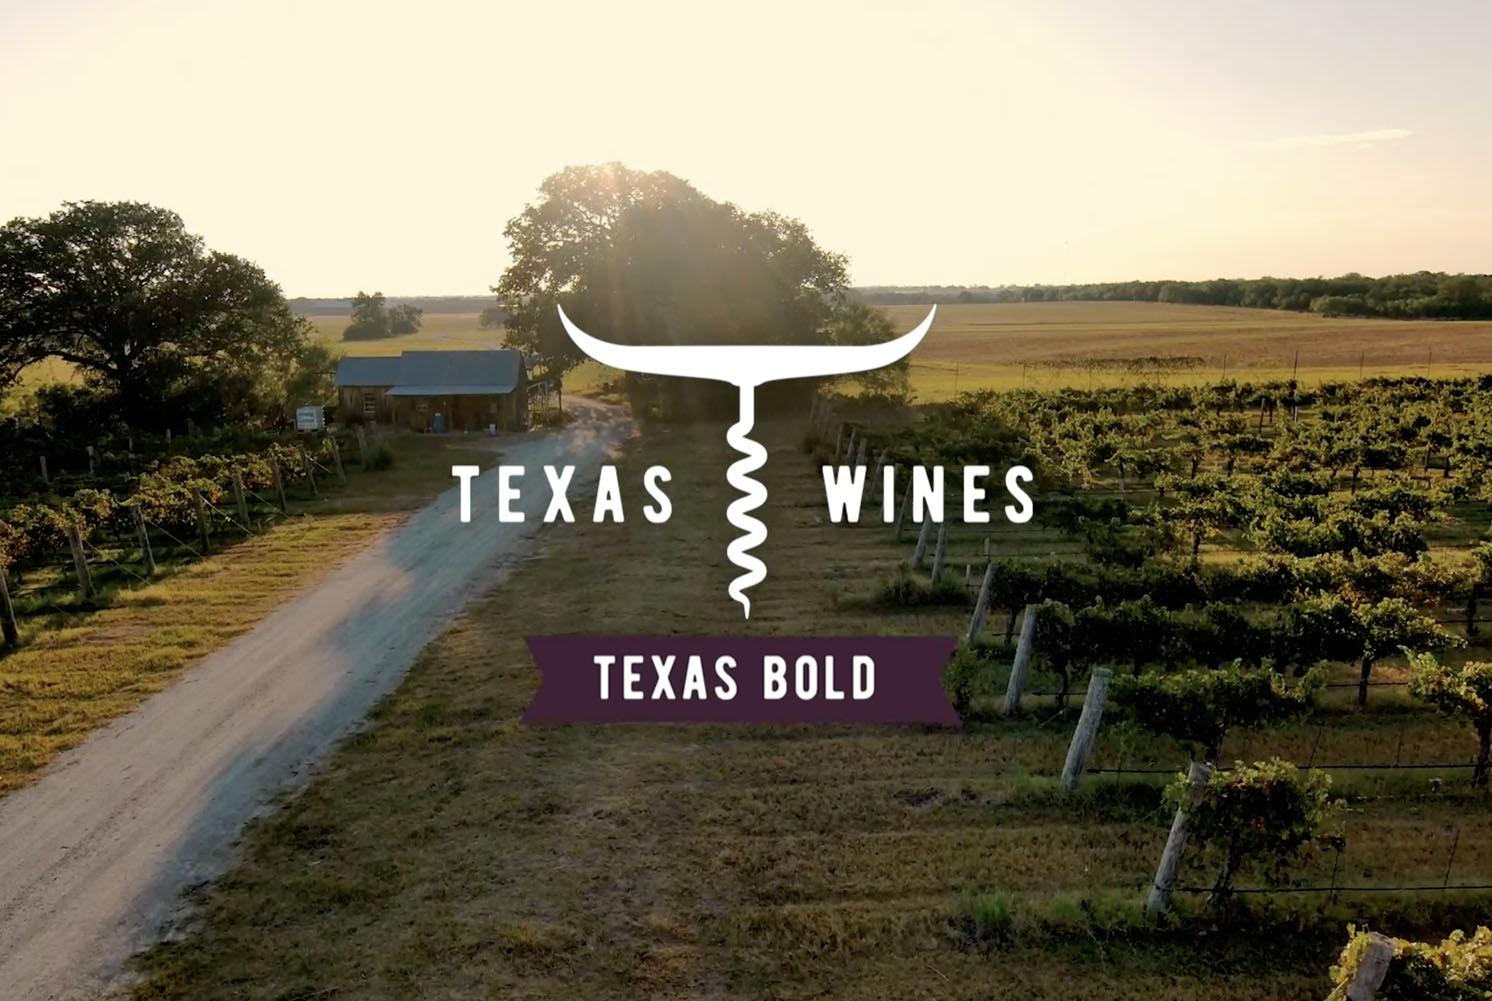 Texas wines. Texas bold.